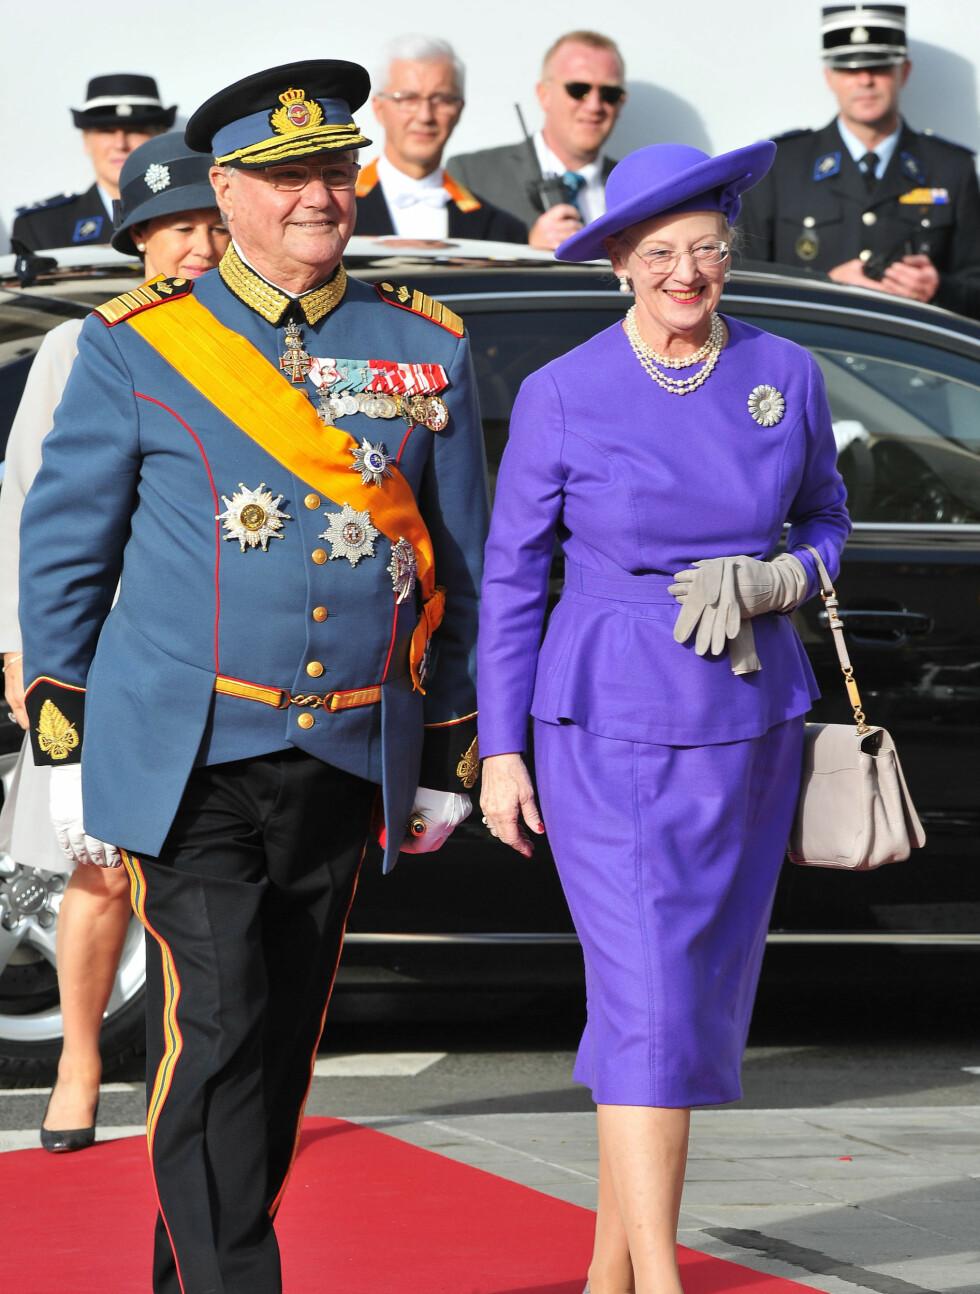 DRONNINGBLÅTT: Dronning Margrethe av Danmark kom i lilla kjole, mens hennes prins Henrik kom som flere av de andre mannlige kongelige i uniform. Foto: All Over Press